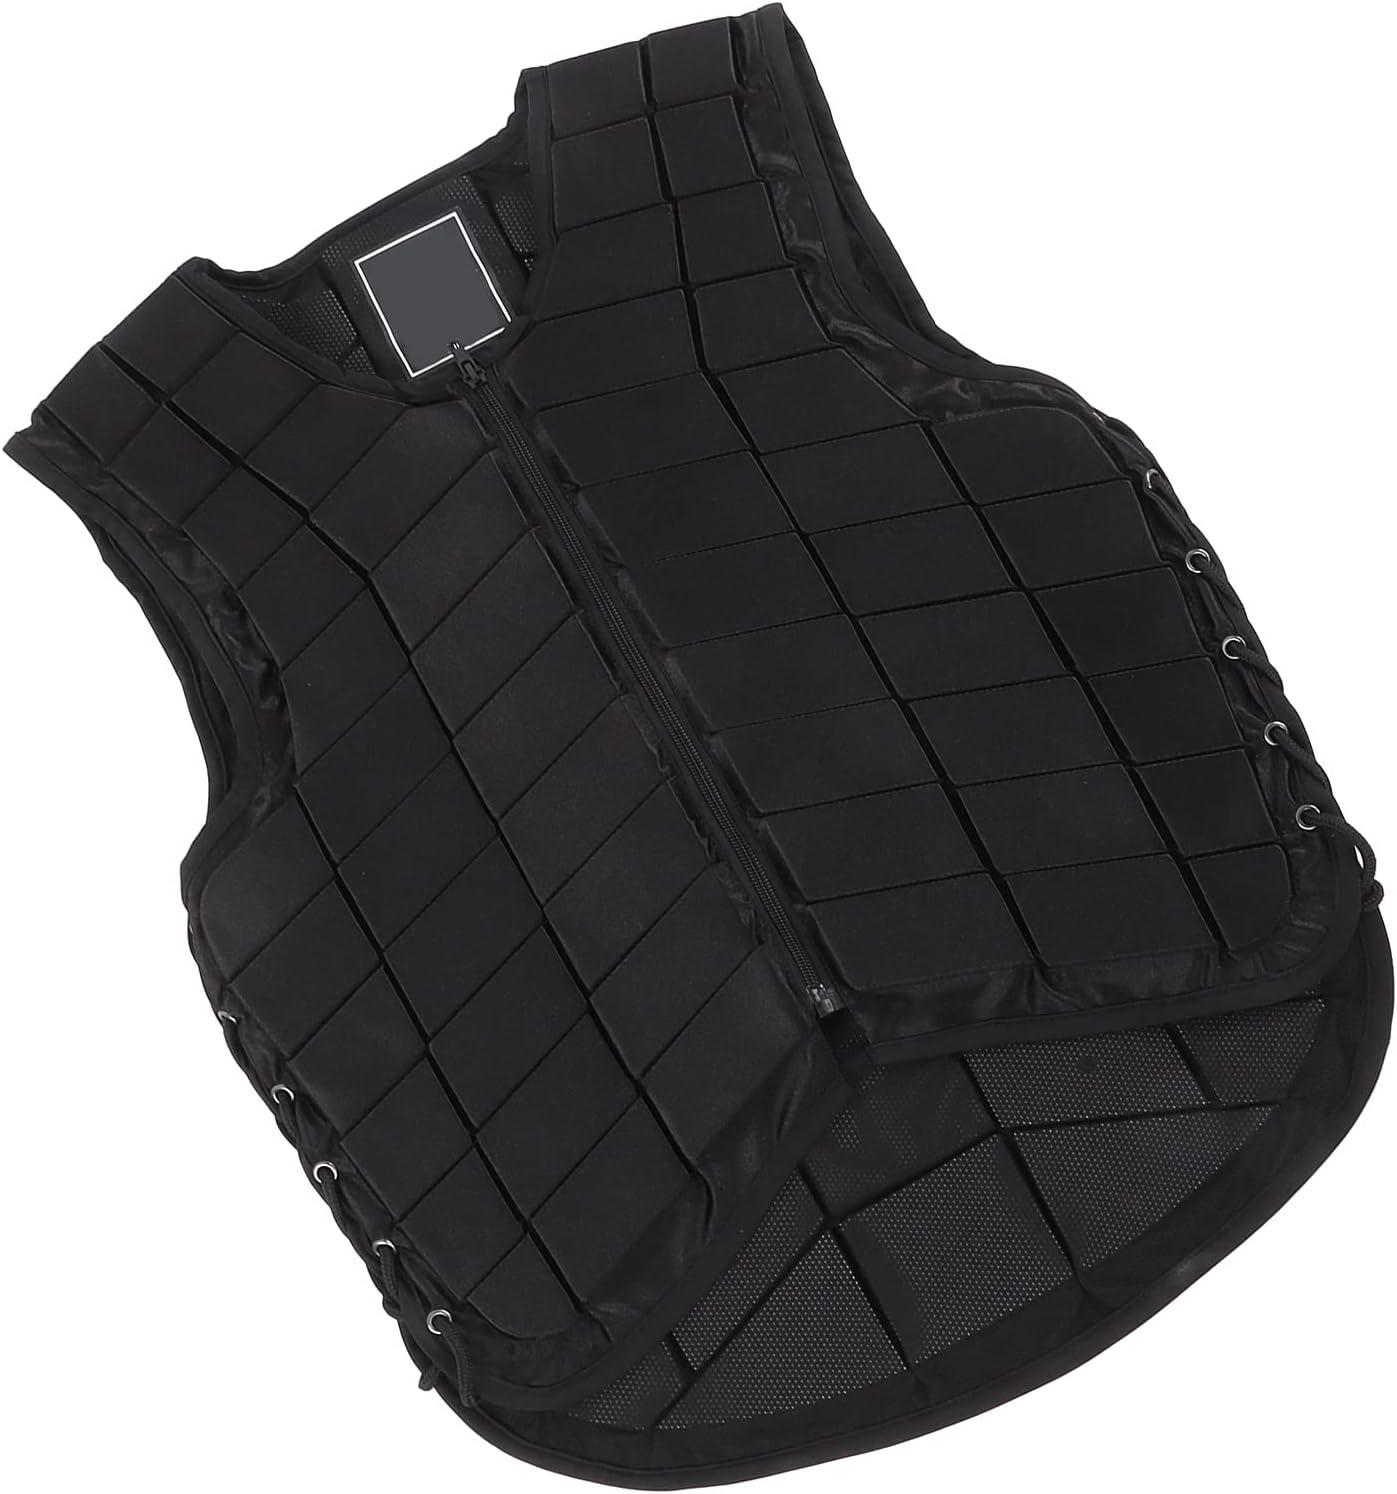 KASD Protección del Cuerpo Ecuestre, Chaleco Ecuestre Acolchado extendido para Adultos Protección para Montar a Caballo para Proteger al Usuario